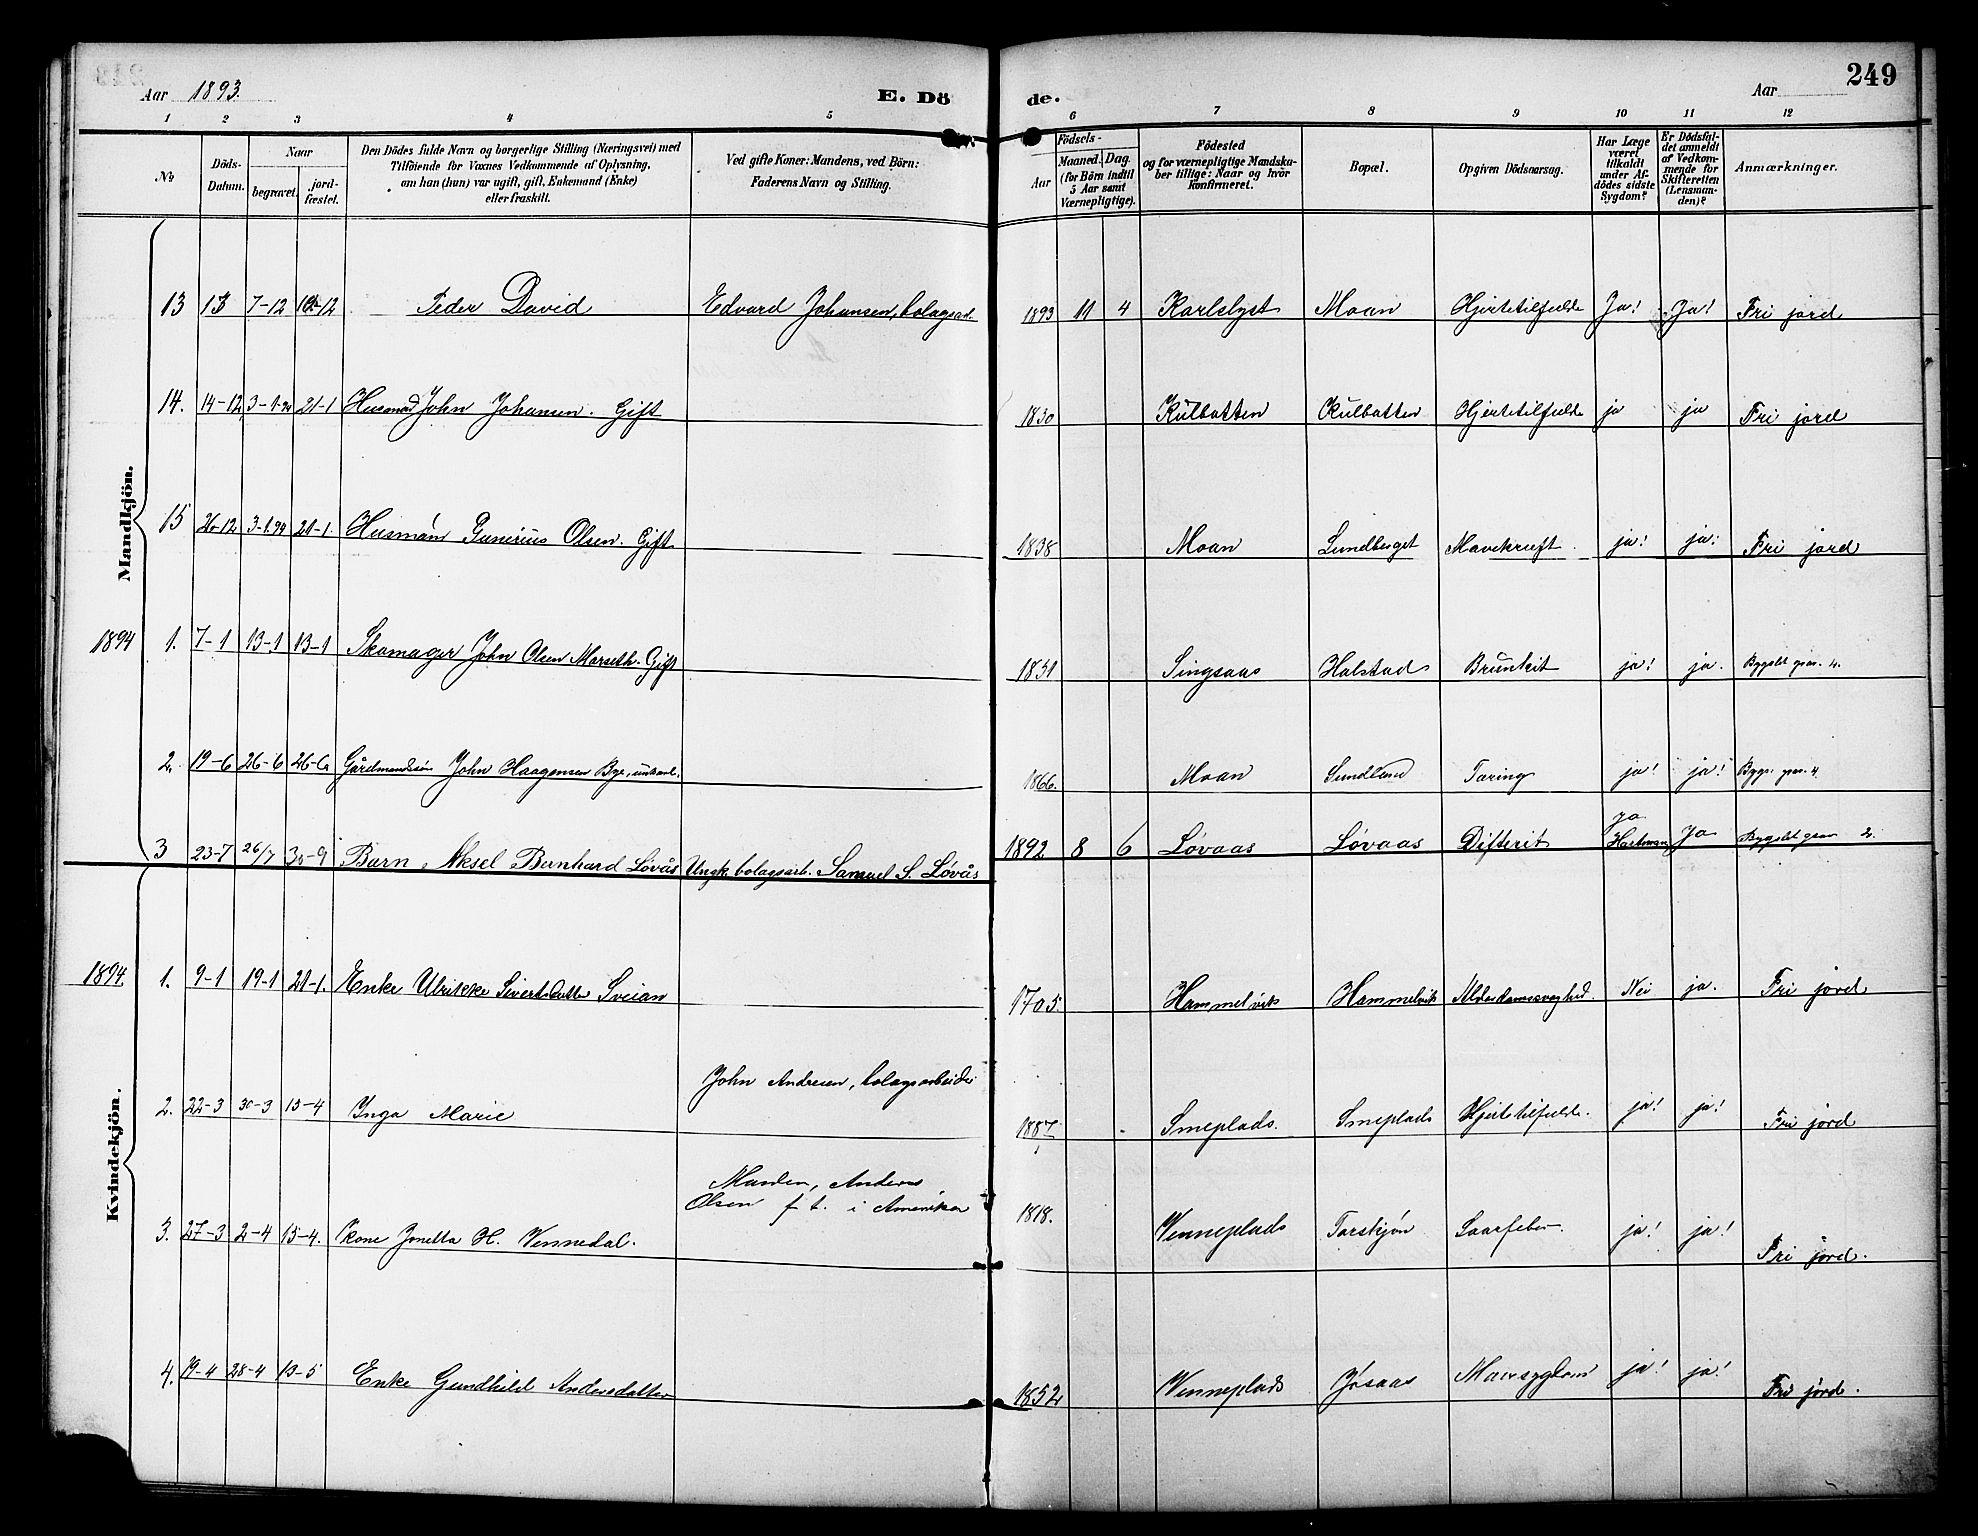 SAT, Ministerialprotokoller, klokkerbøker og fødselsregistre - Sør-Trøndelag, 617/L0431: Klokkerbok nr. 617C01, 1889-1910, s. 249